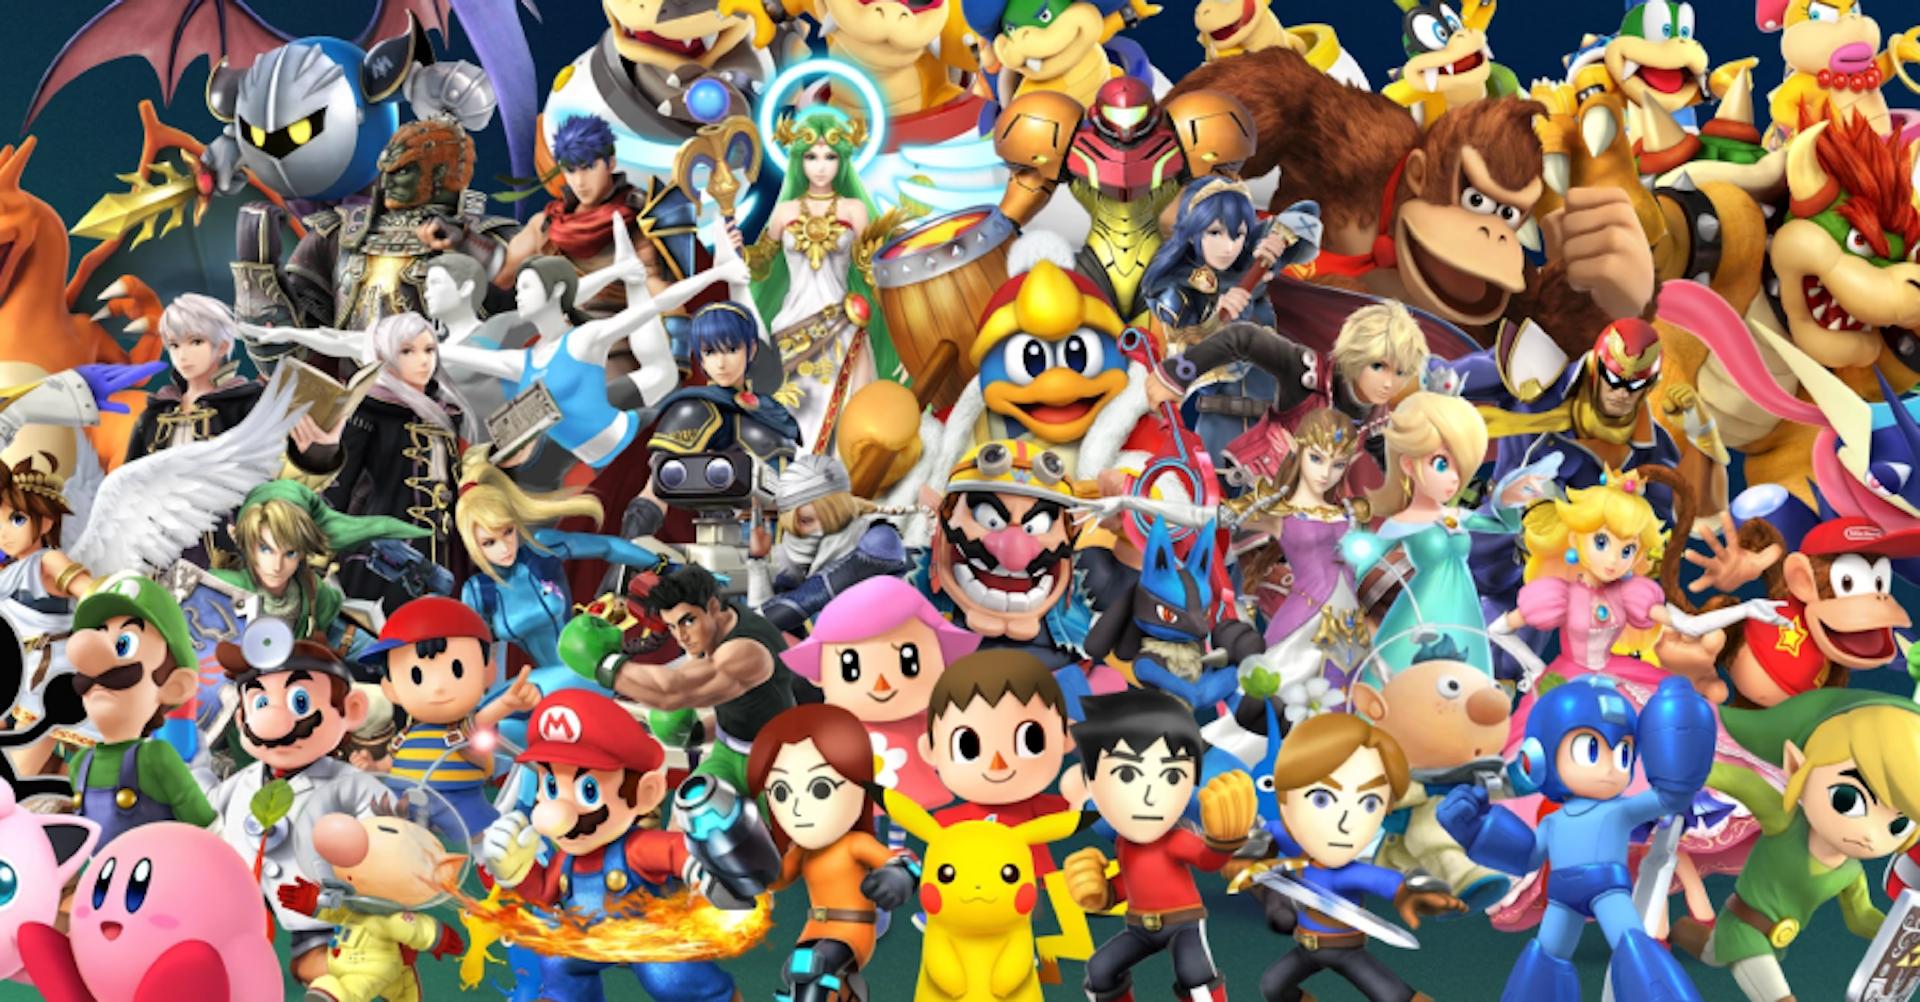 Comparación de escenarios Smash Brothers 64 vs Nintendo Switch